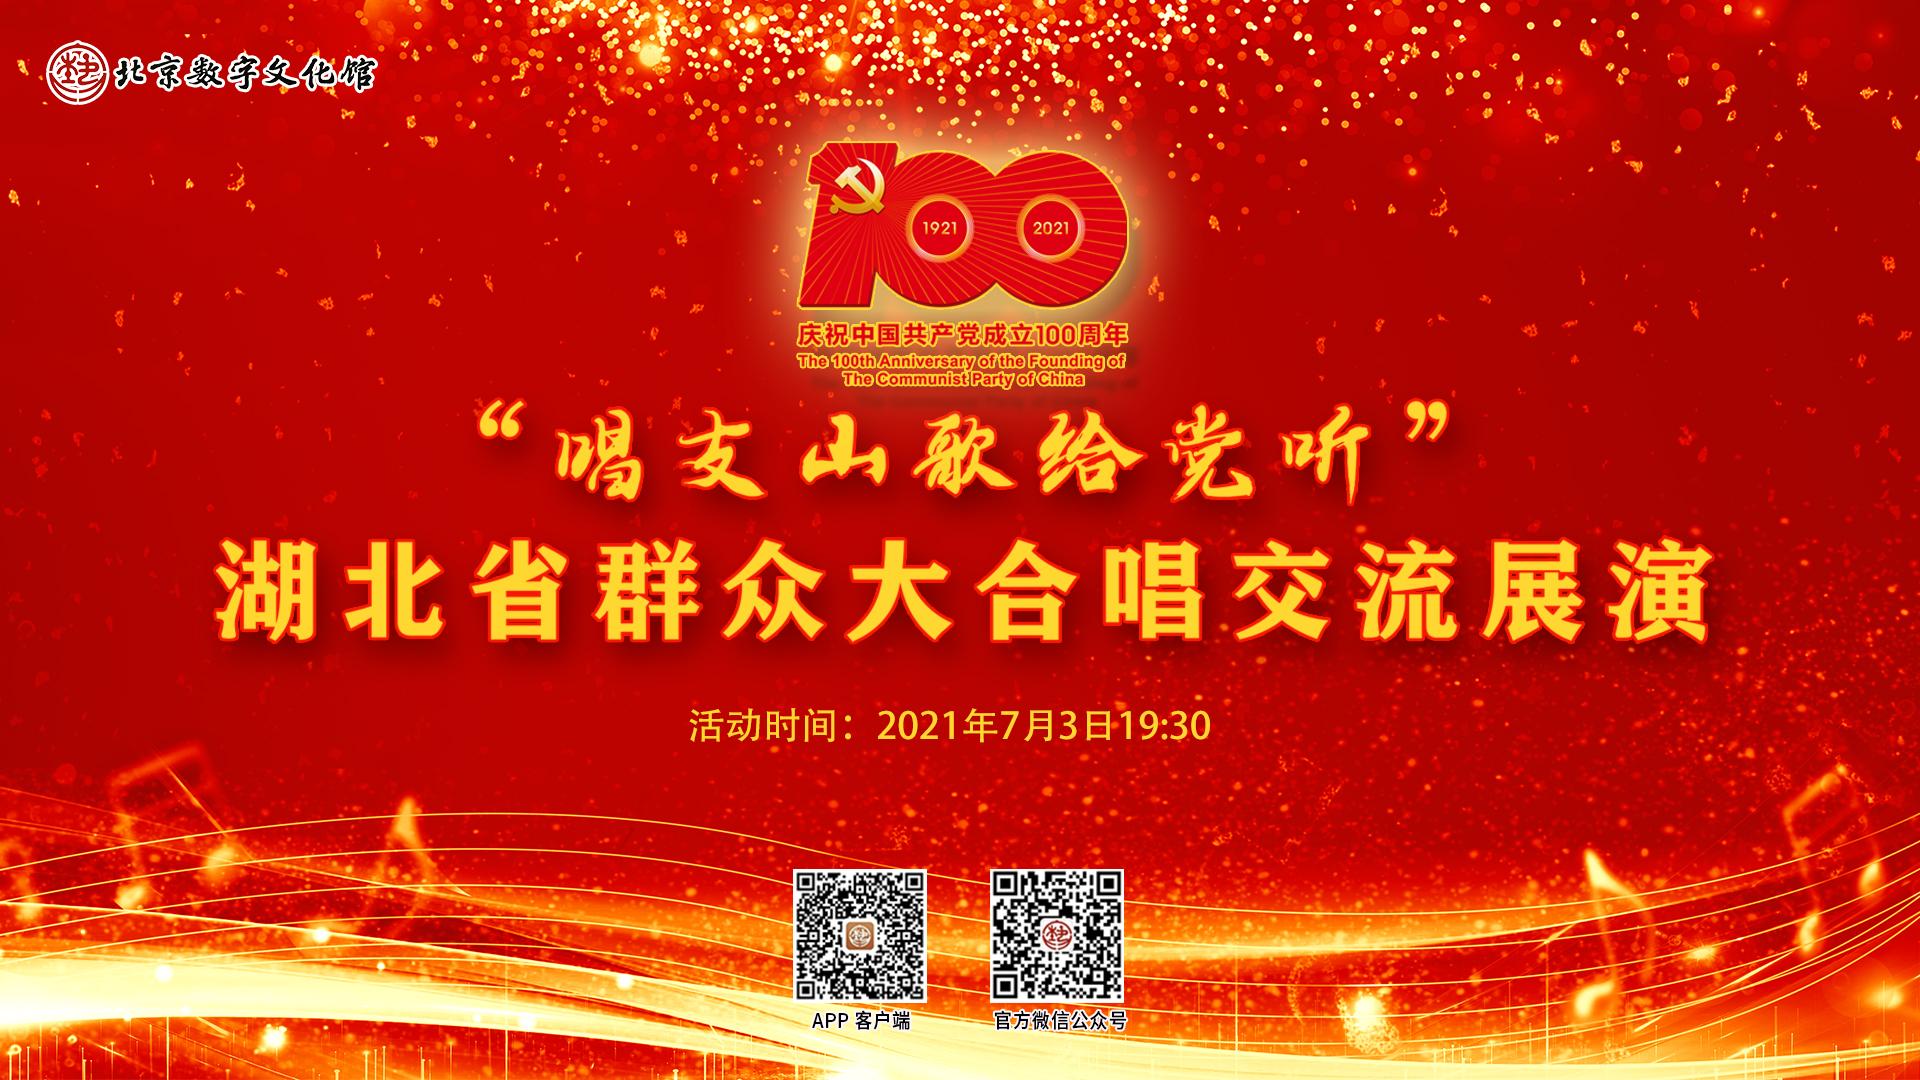 """""""唱支山歌給黨聽""""——湖北省群衆大合唱交流展演"""